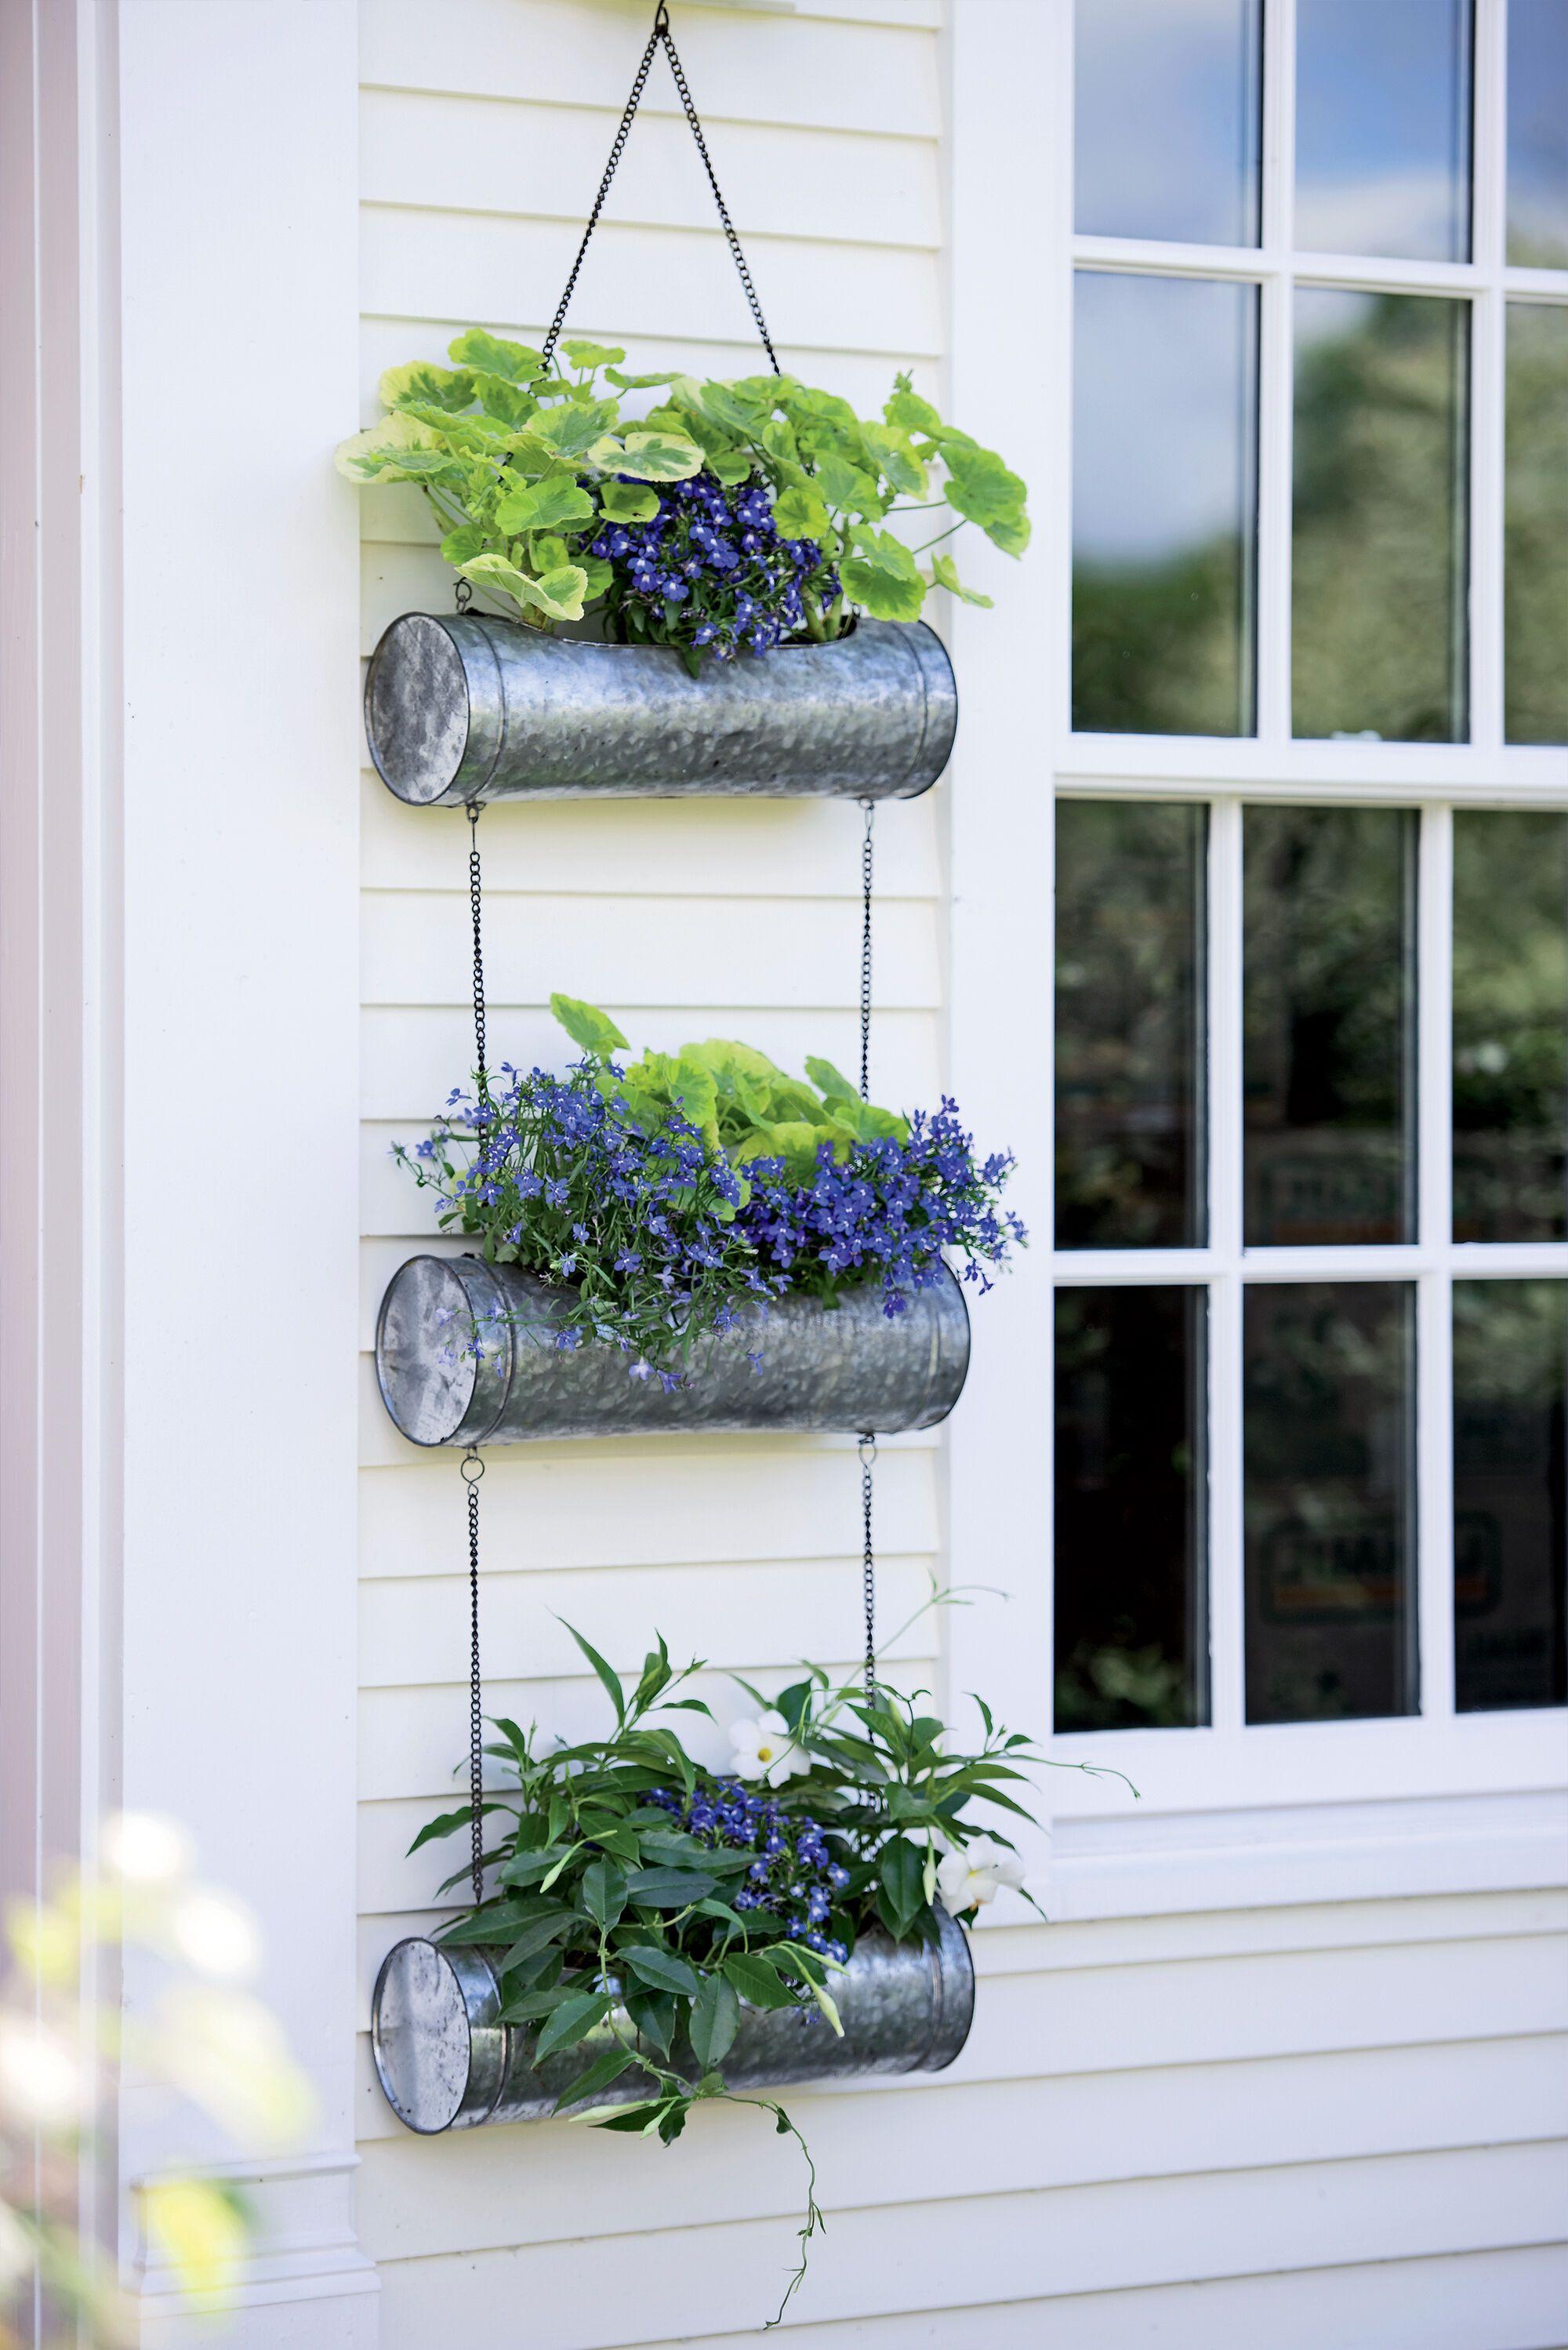 Patio Garden In 2020 Hanging Plants Hanging Plants Indoor Hanging Planters Outdoor